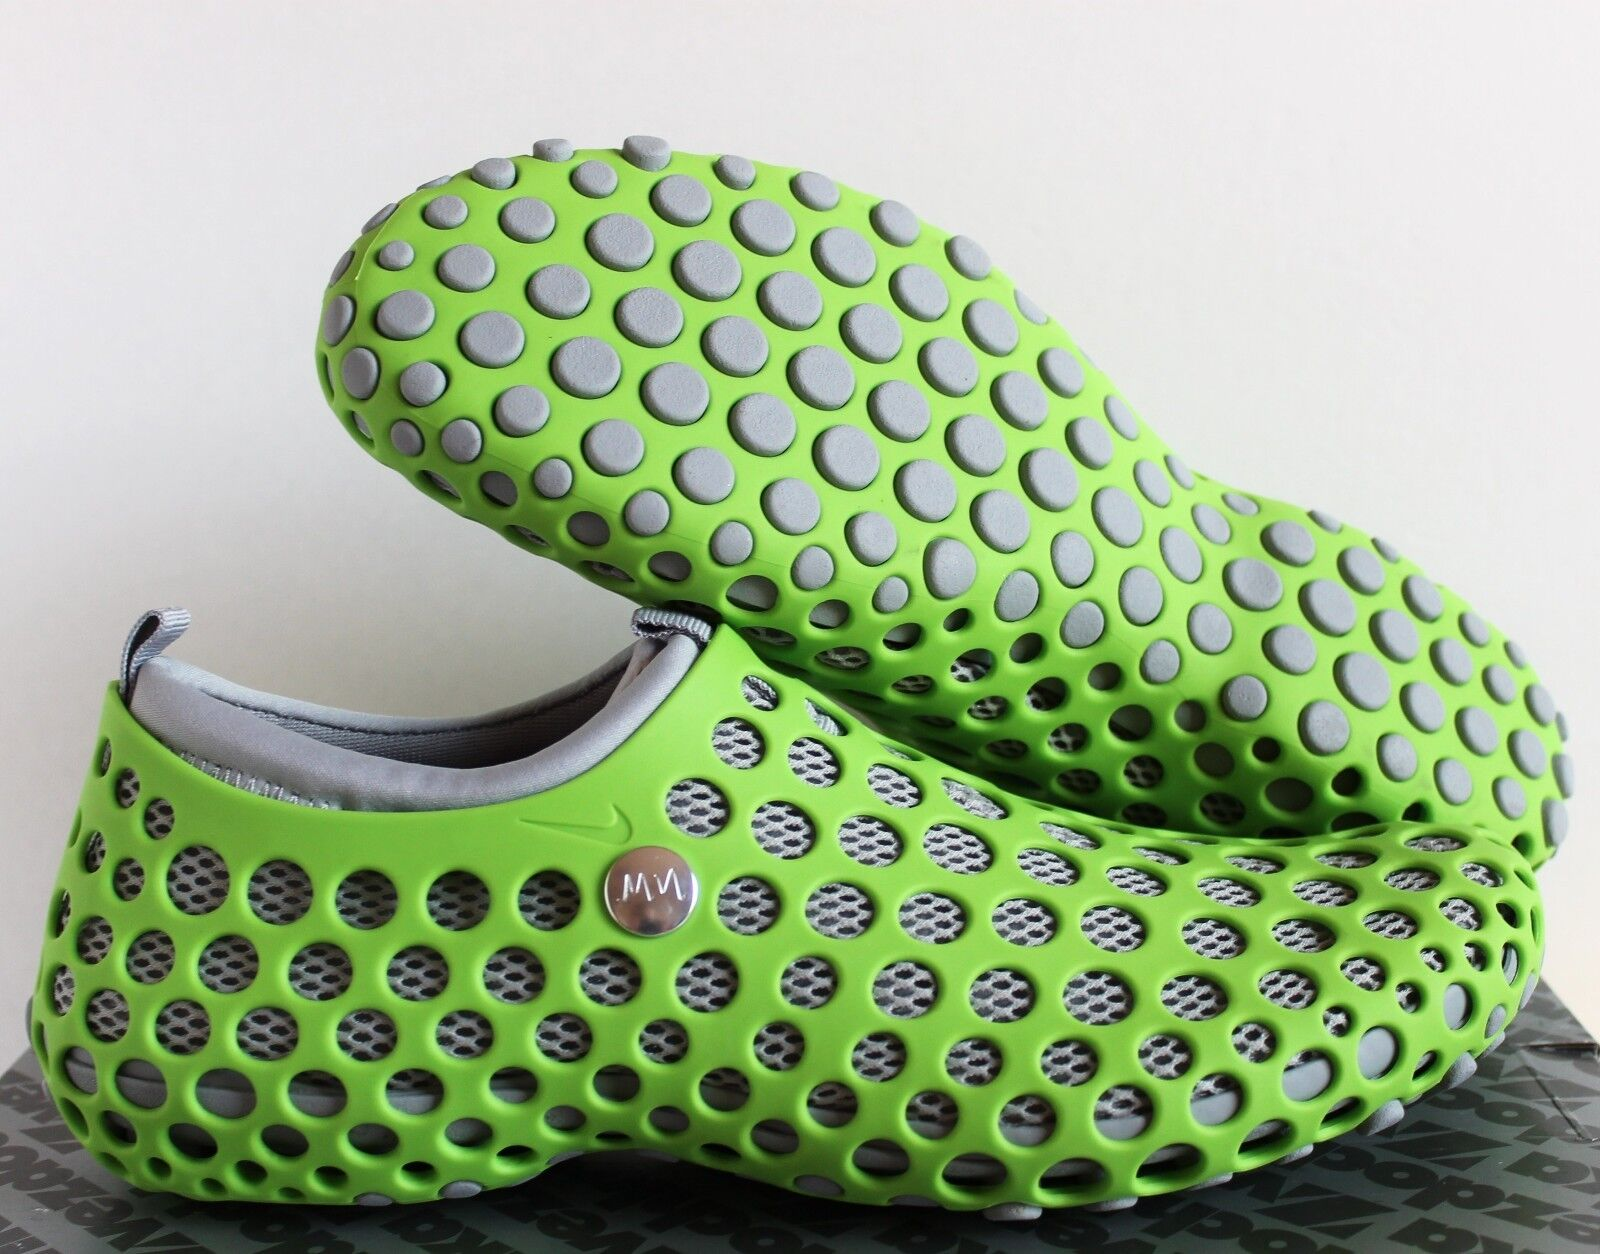 Nike ZVEZDOCHKA SP  MARC NEWSON NEWSON NEWSON  KIWI verde Uomo sz 5  Wmns sz 6.5  [749431-300] 2234dd